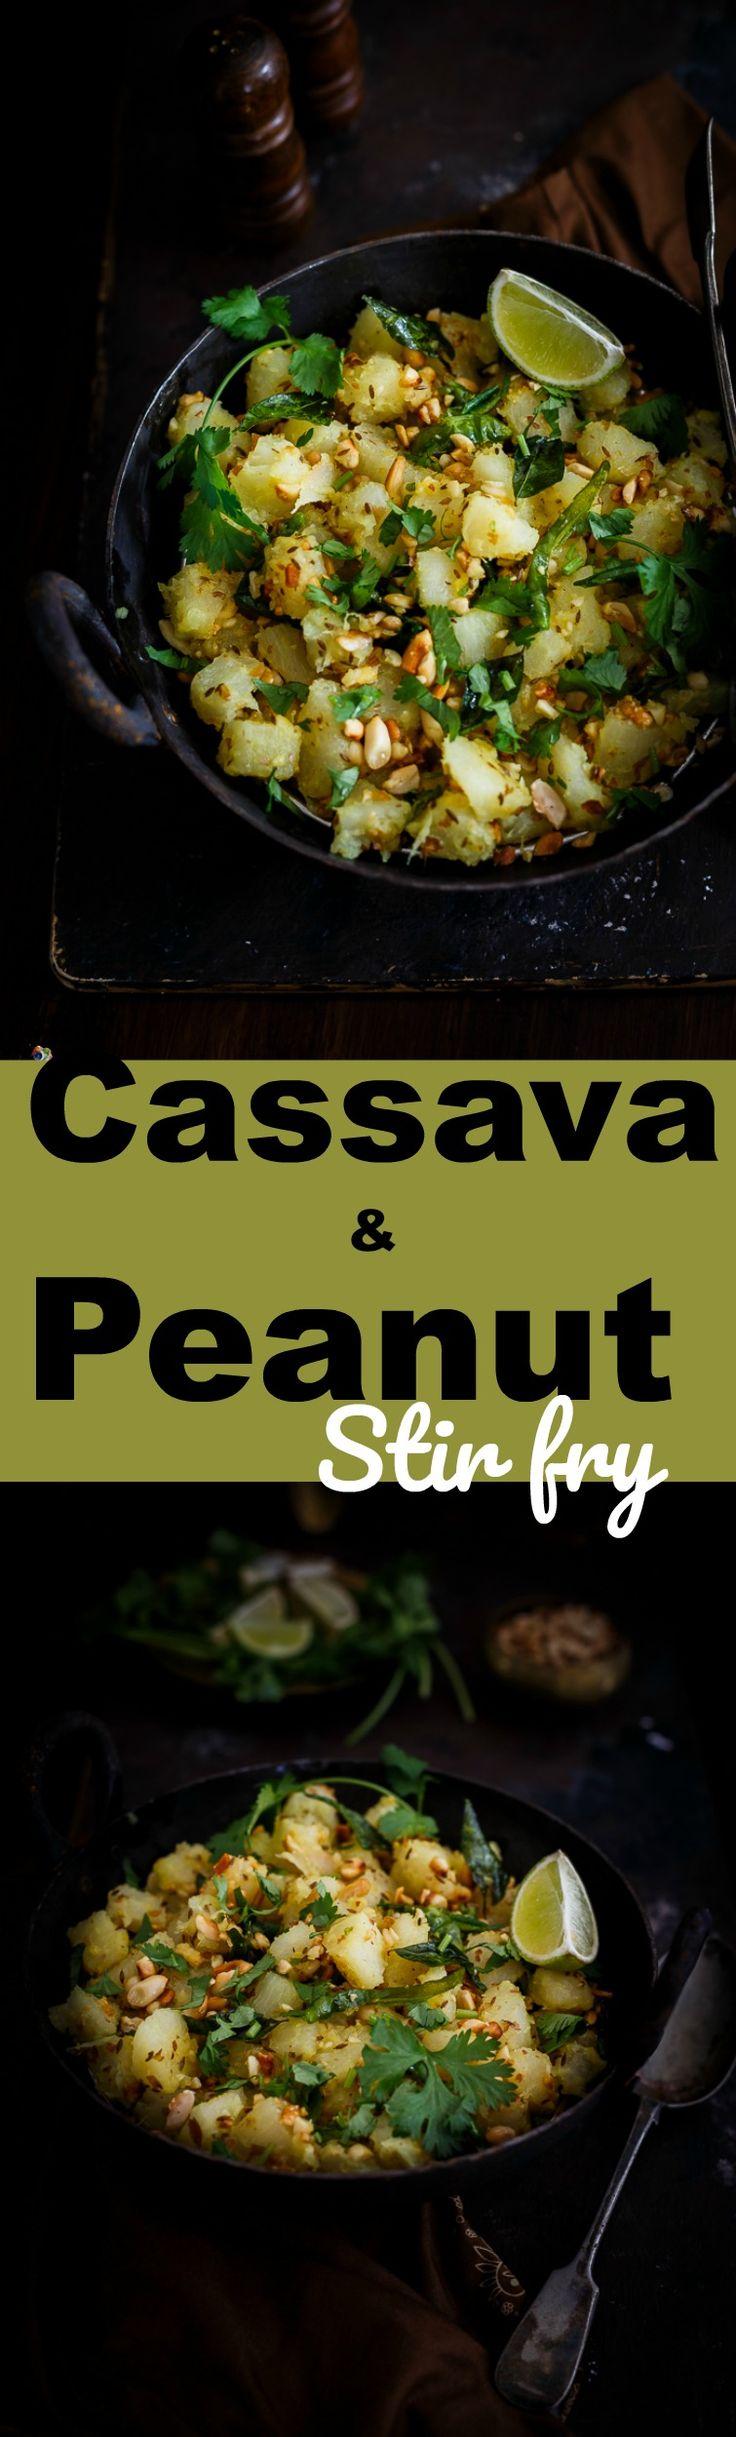 Cassava & Peanut Stir fry-Mogo and peanut bhaji-Vrat ka khana